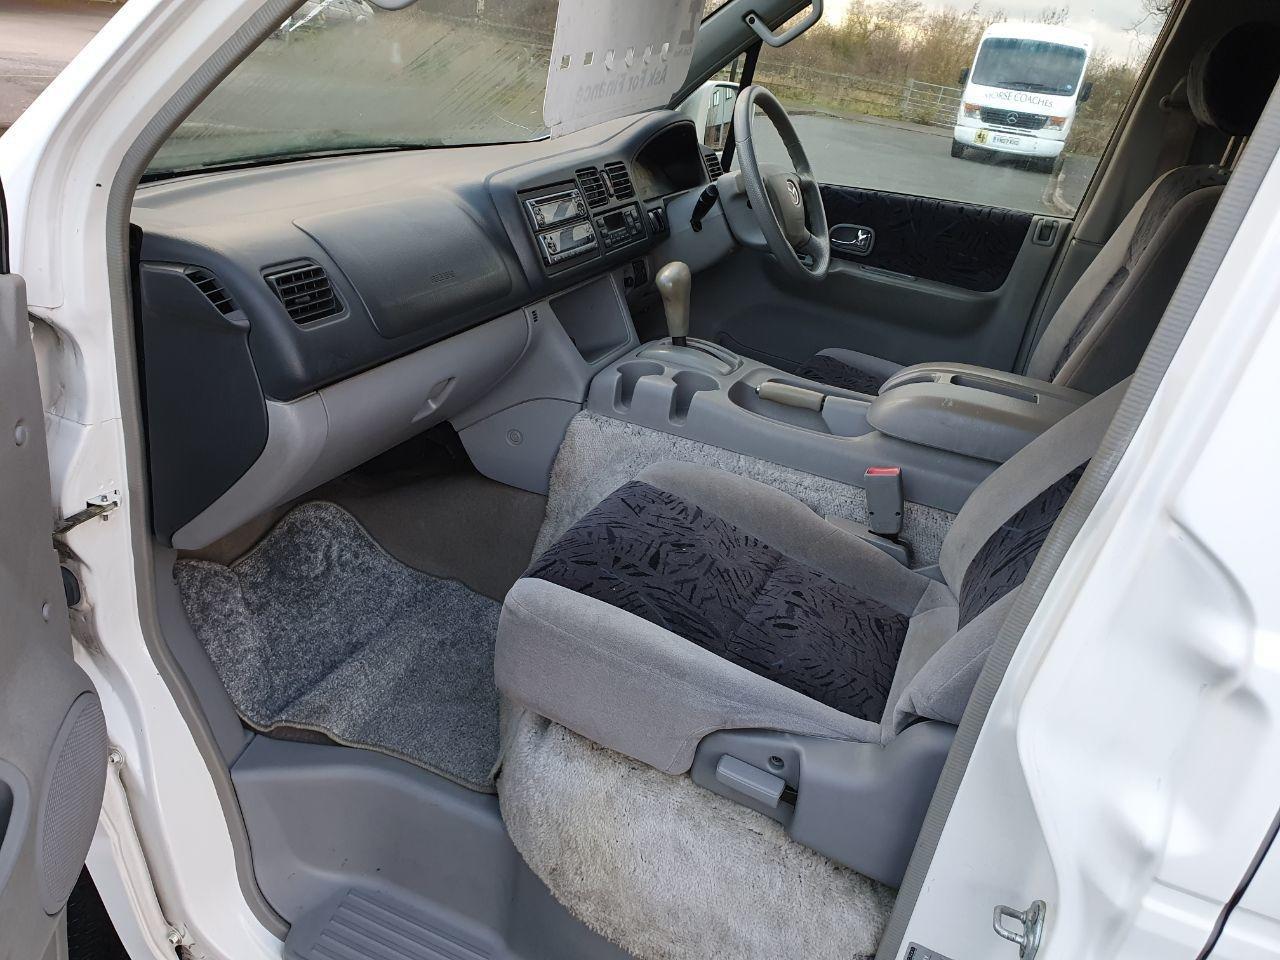 2003 Mazda Bongo Aero - 8 Seats MPV - Day Van - Camper For Sale (picture 8 of 12)